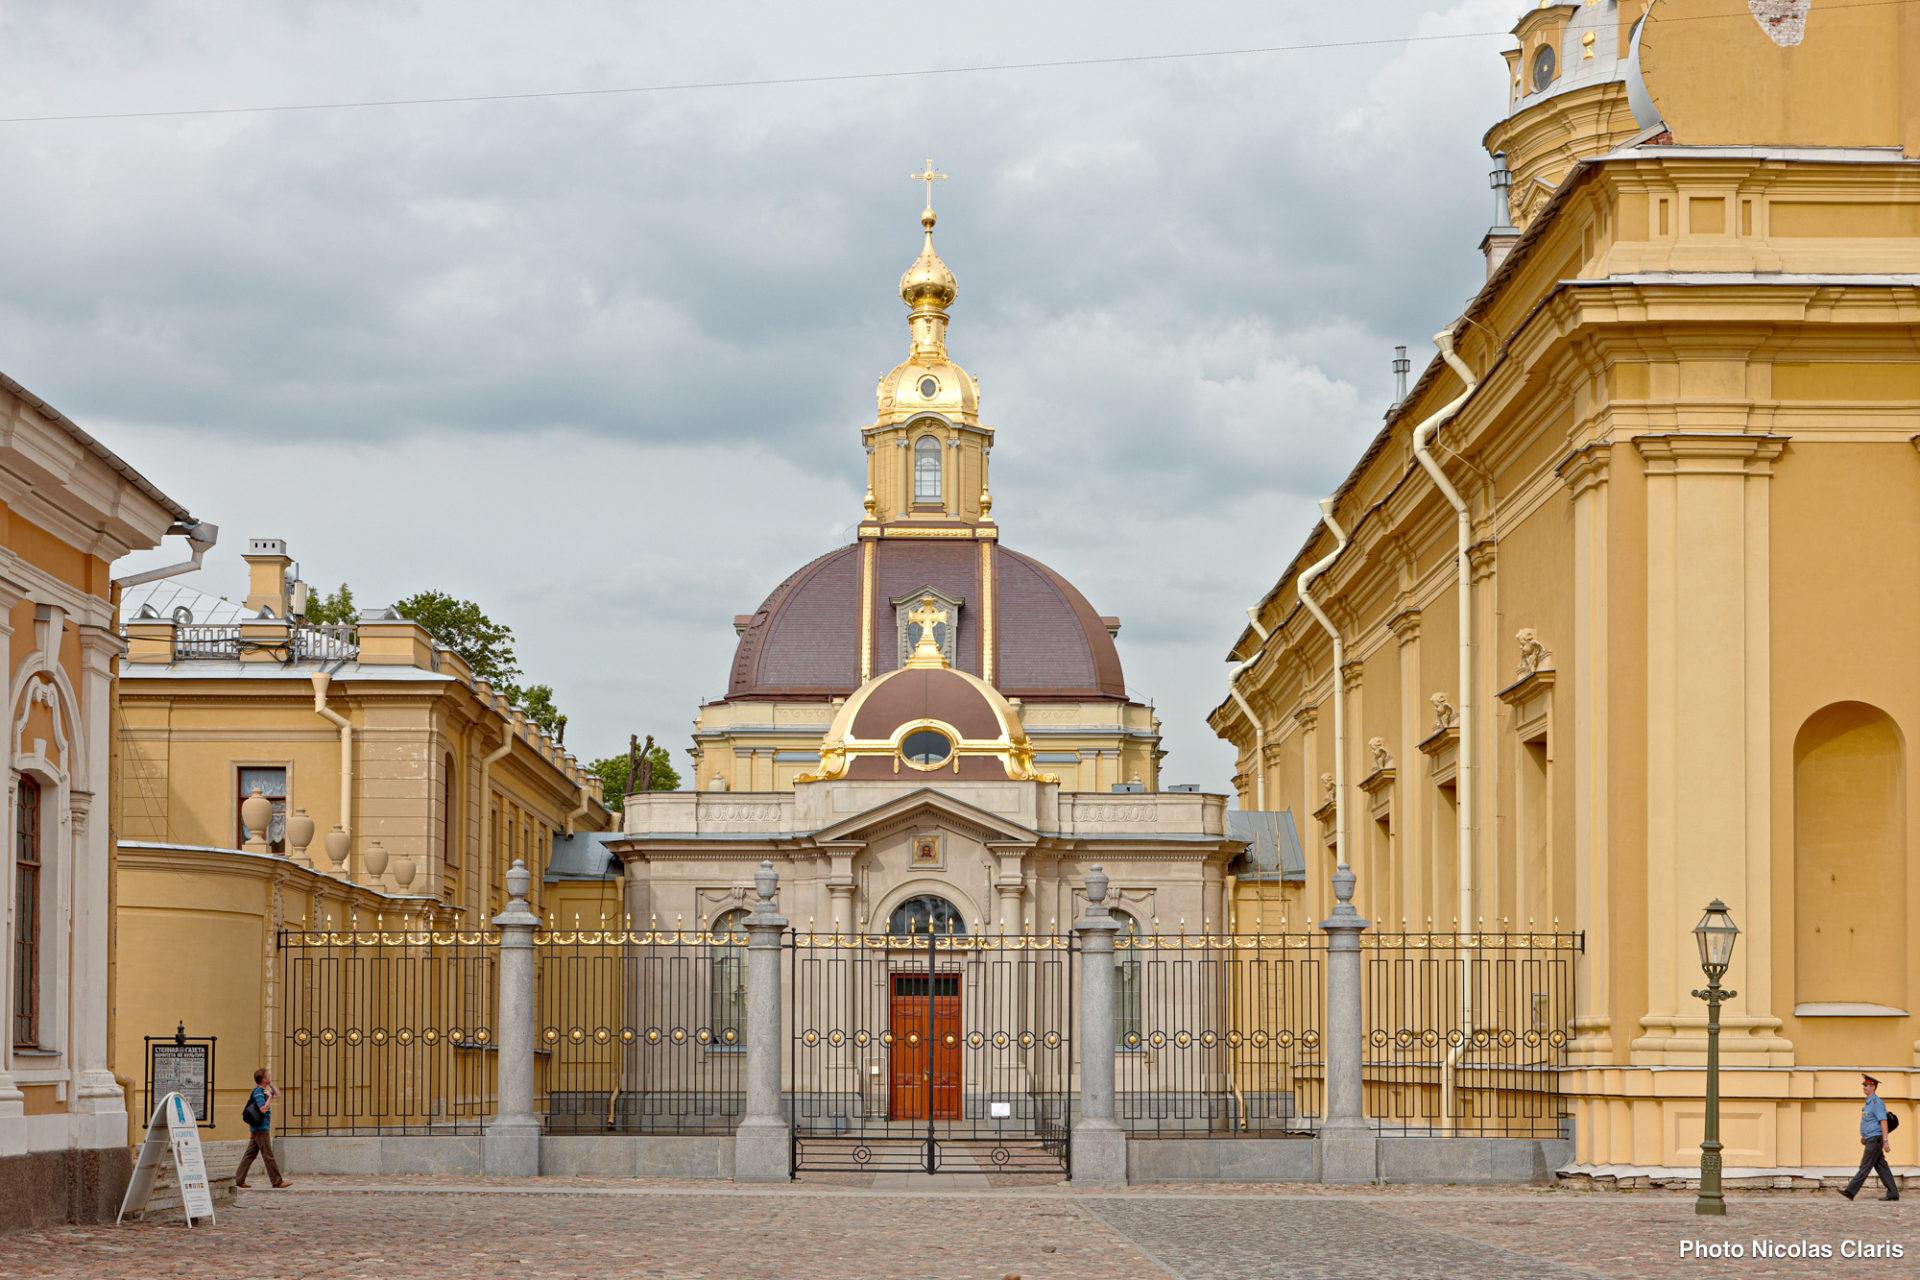 HD_Saint-Petersburg_City_45R10224